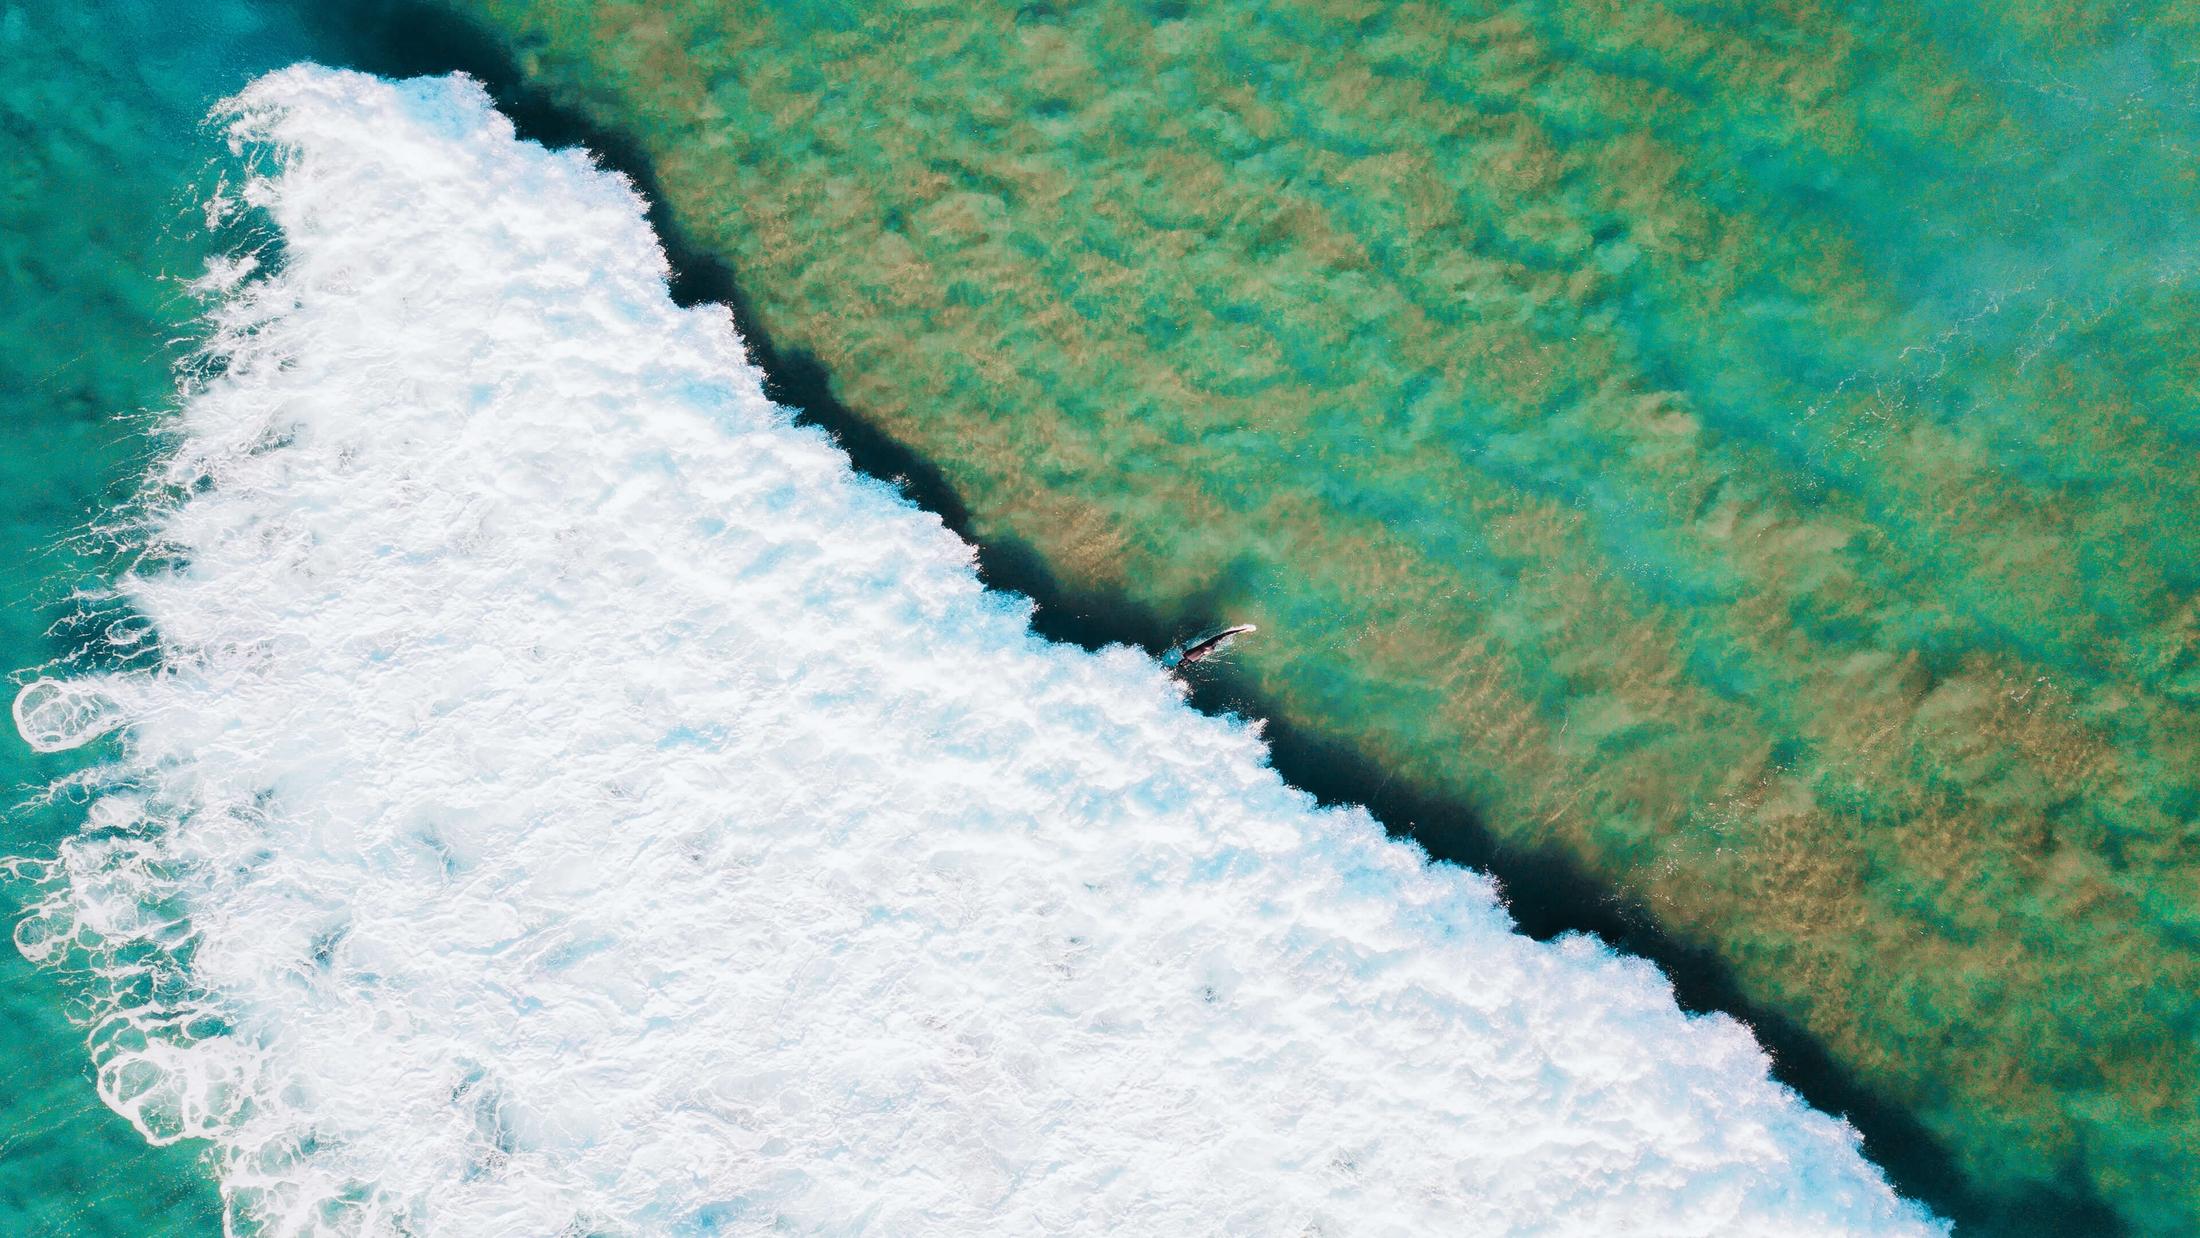 photographie-aerienne-en-utilisant-un-drone